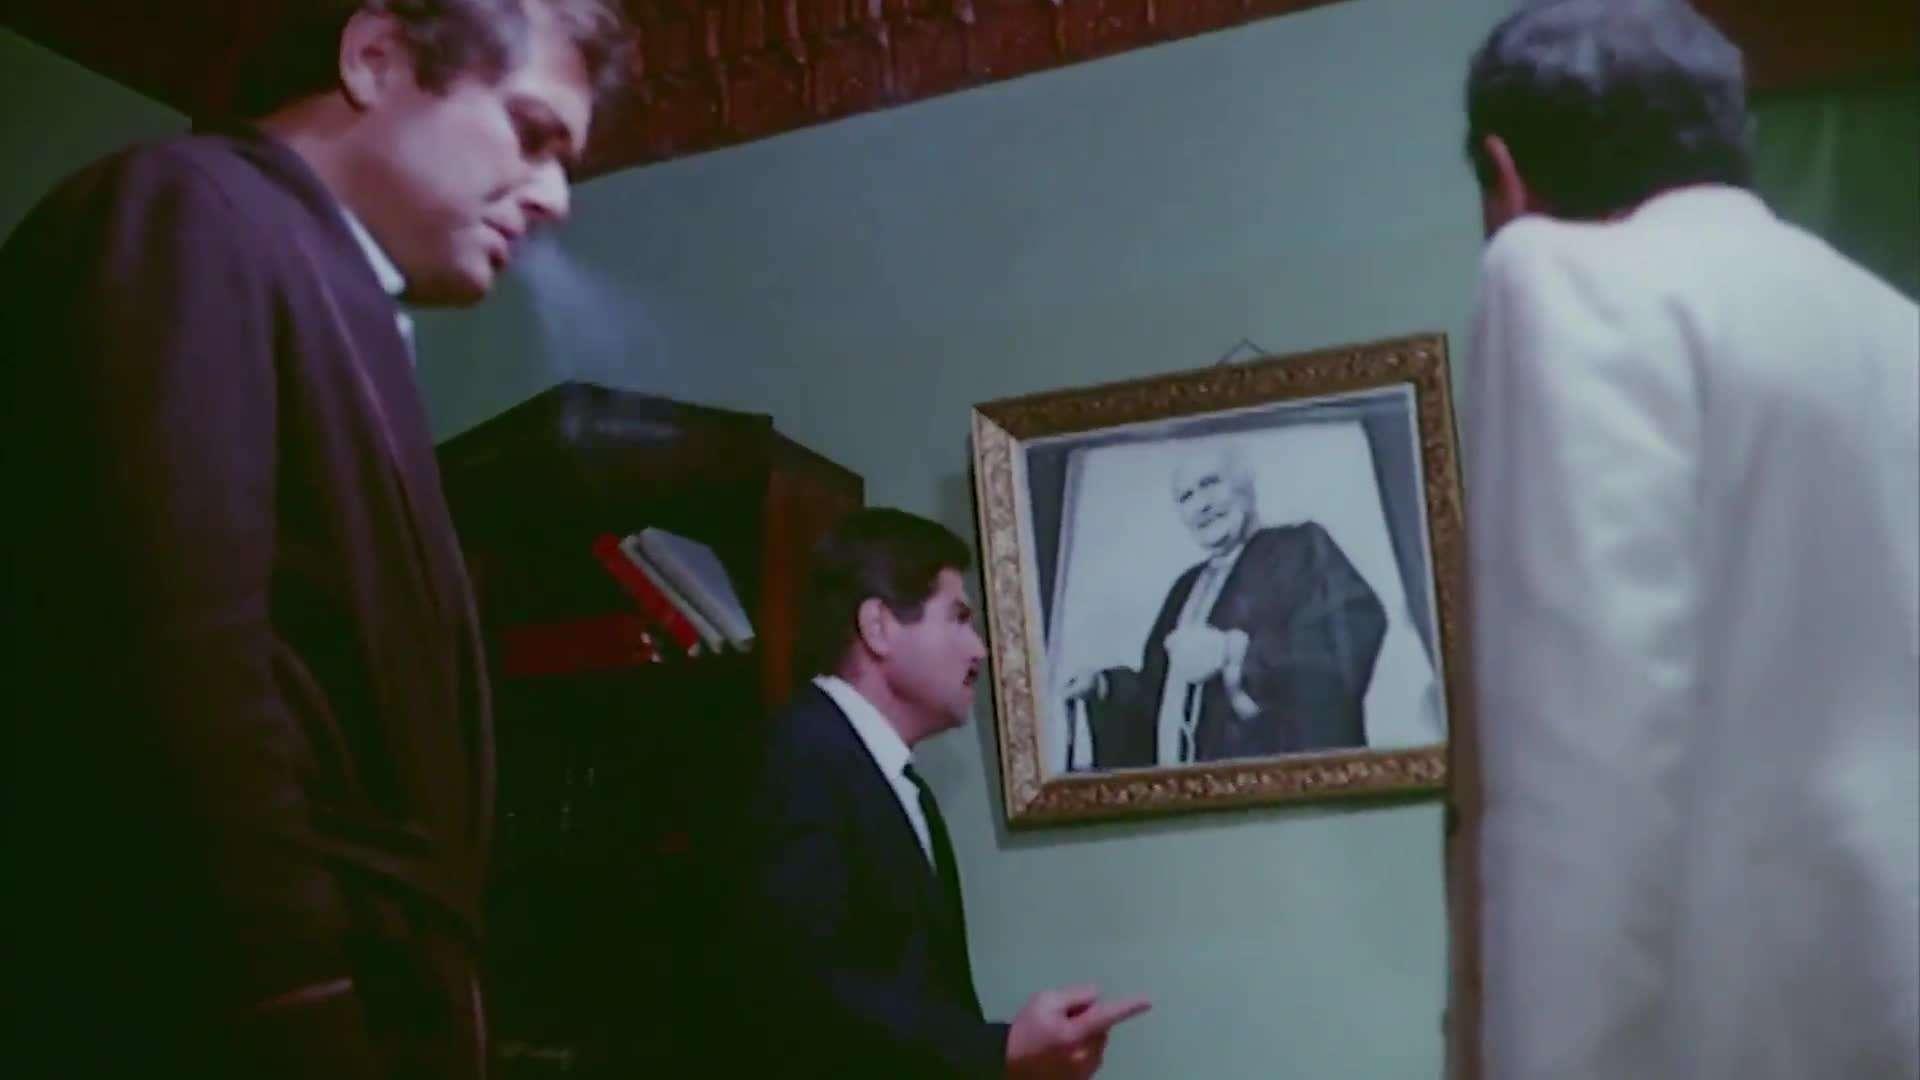 [فيلم][تورنت][تحميل][العار][1982][1080p][Web-DL] 6 arabp2p.com